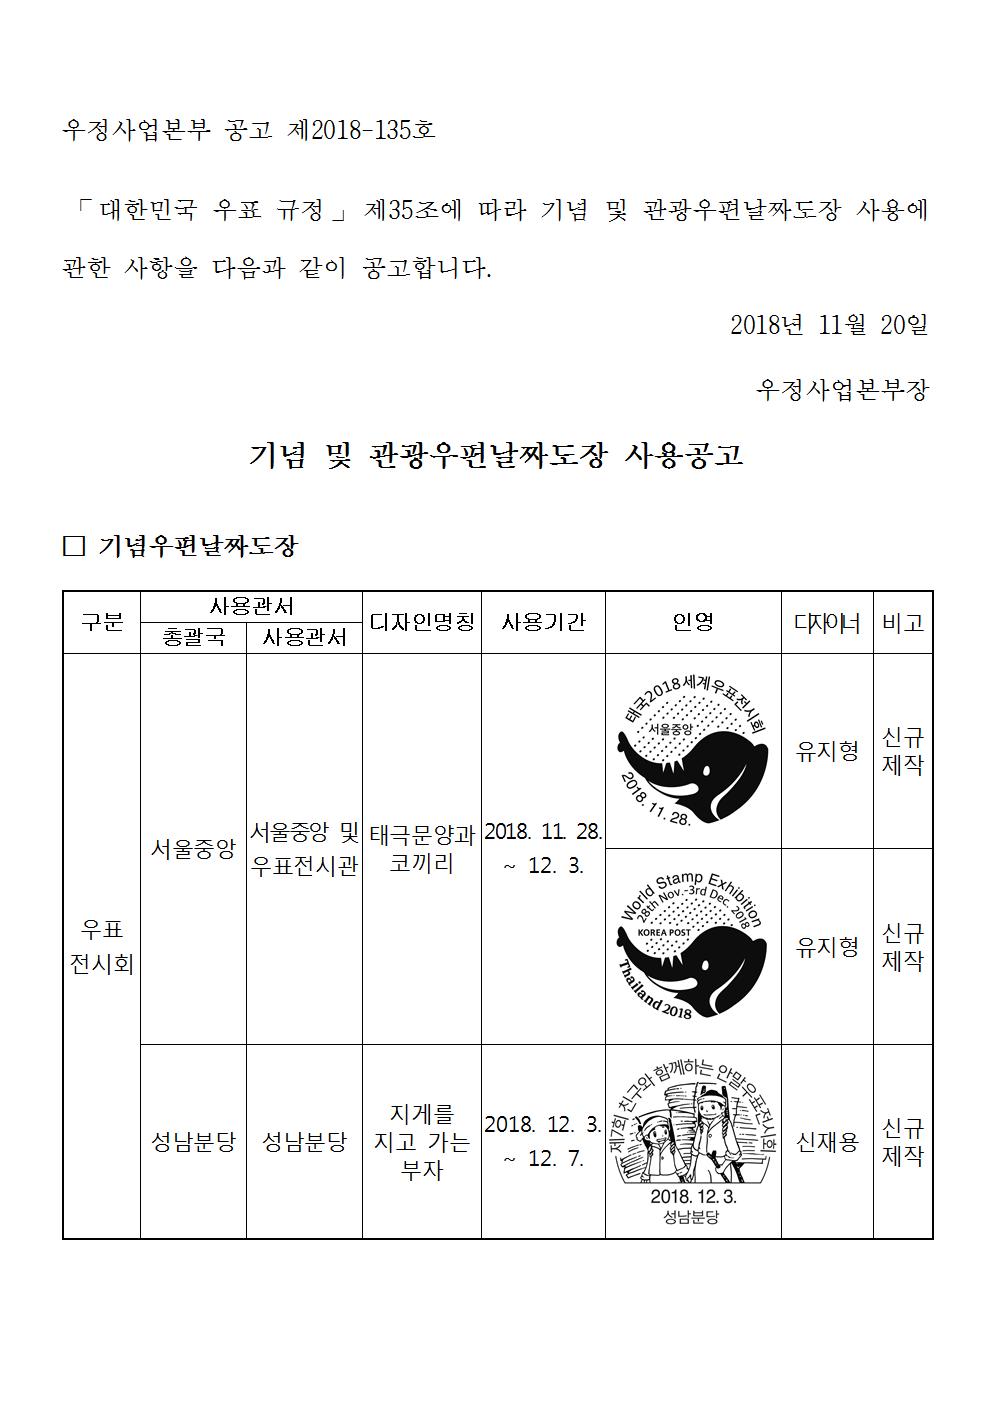 우정사업본부 공고 제2018-135호(기념 및 관광우편날짜도장 사용공고)001.png